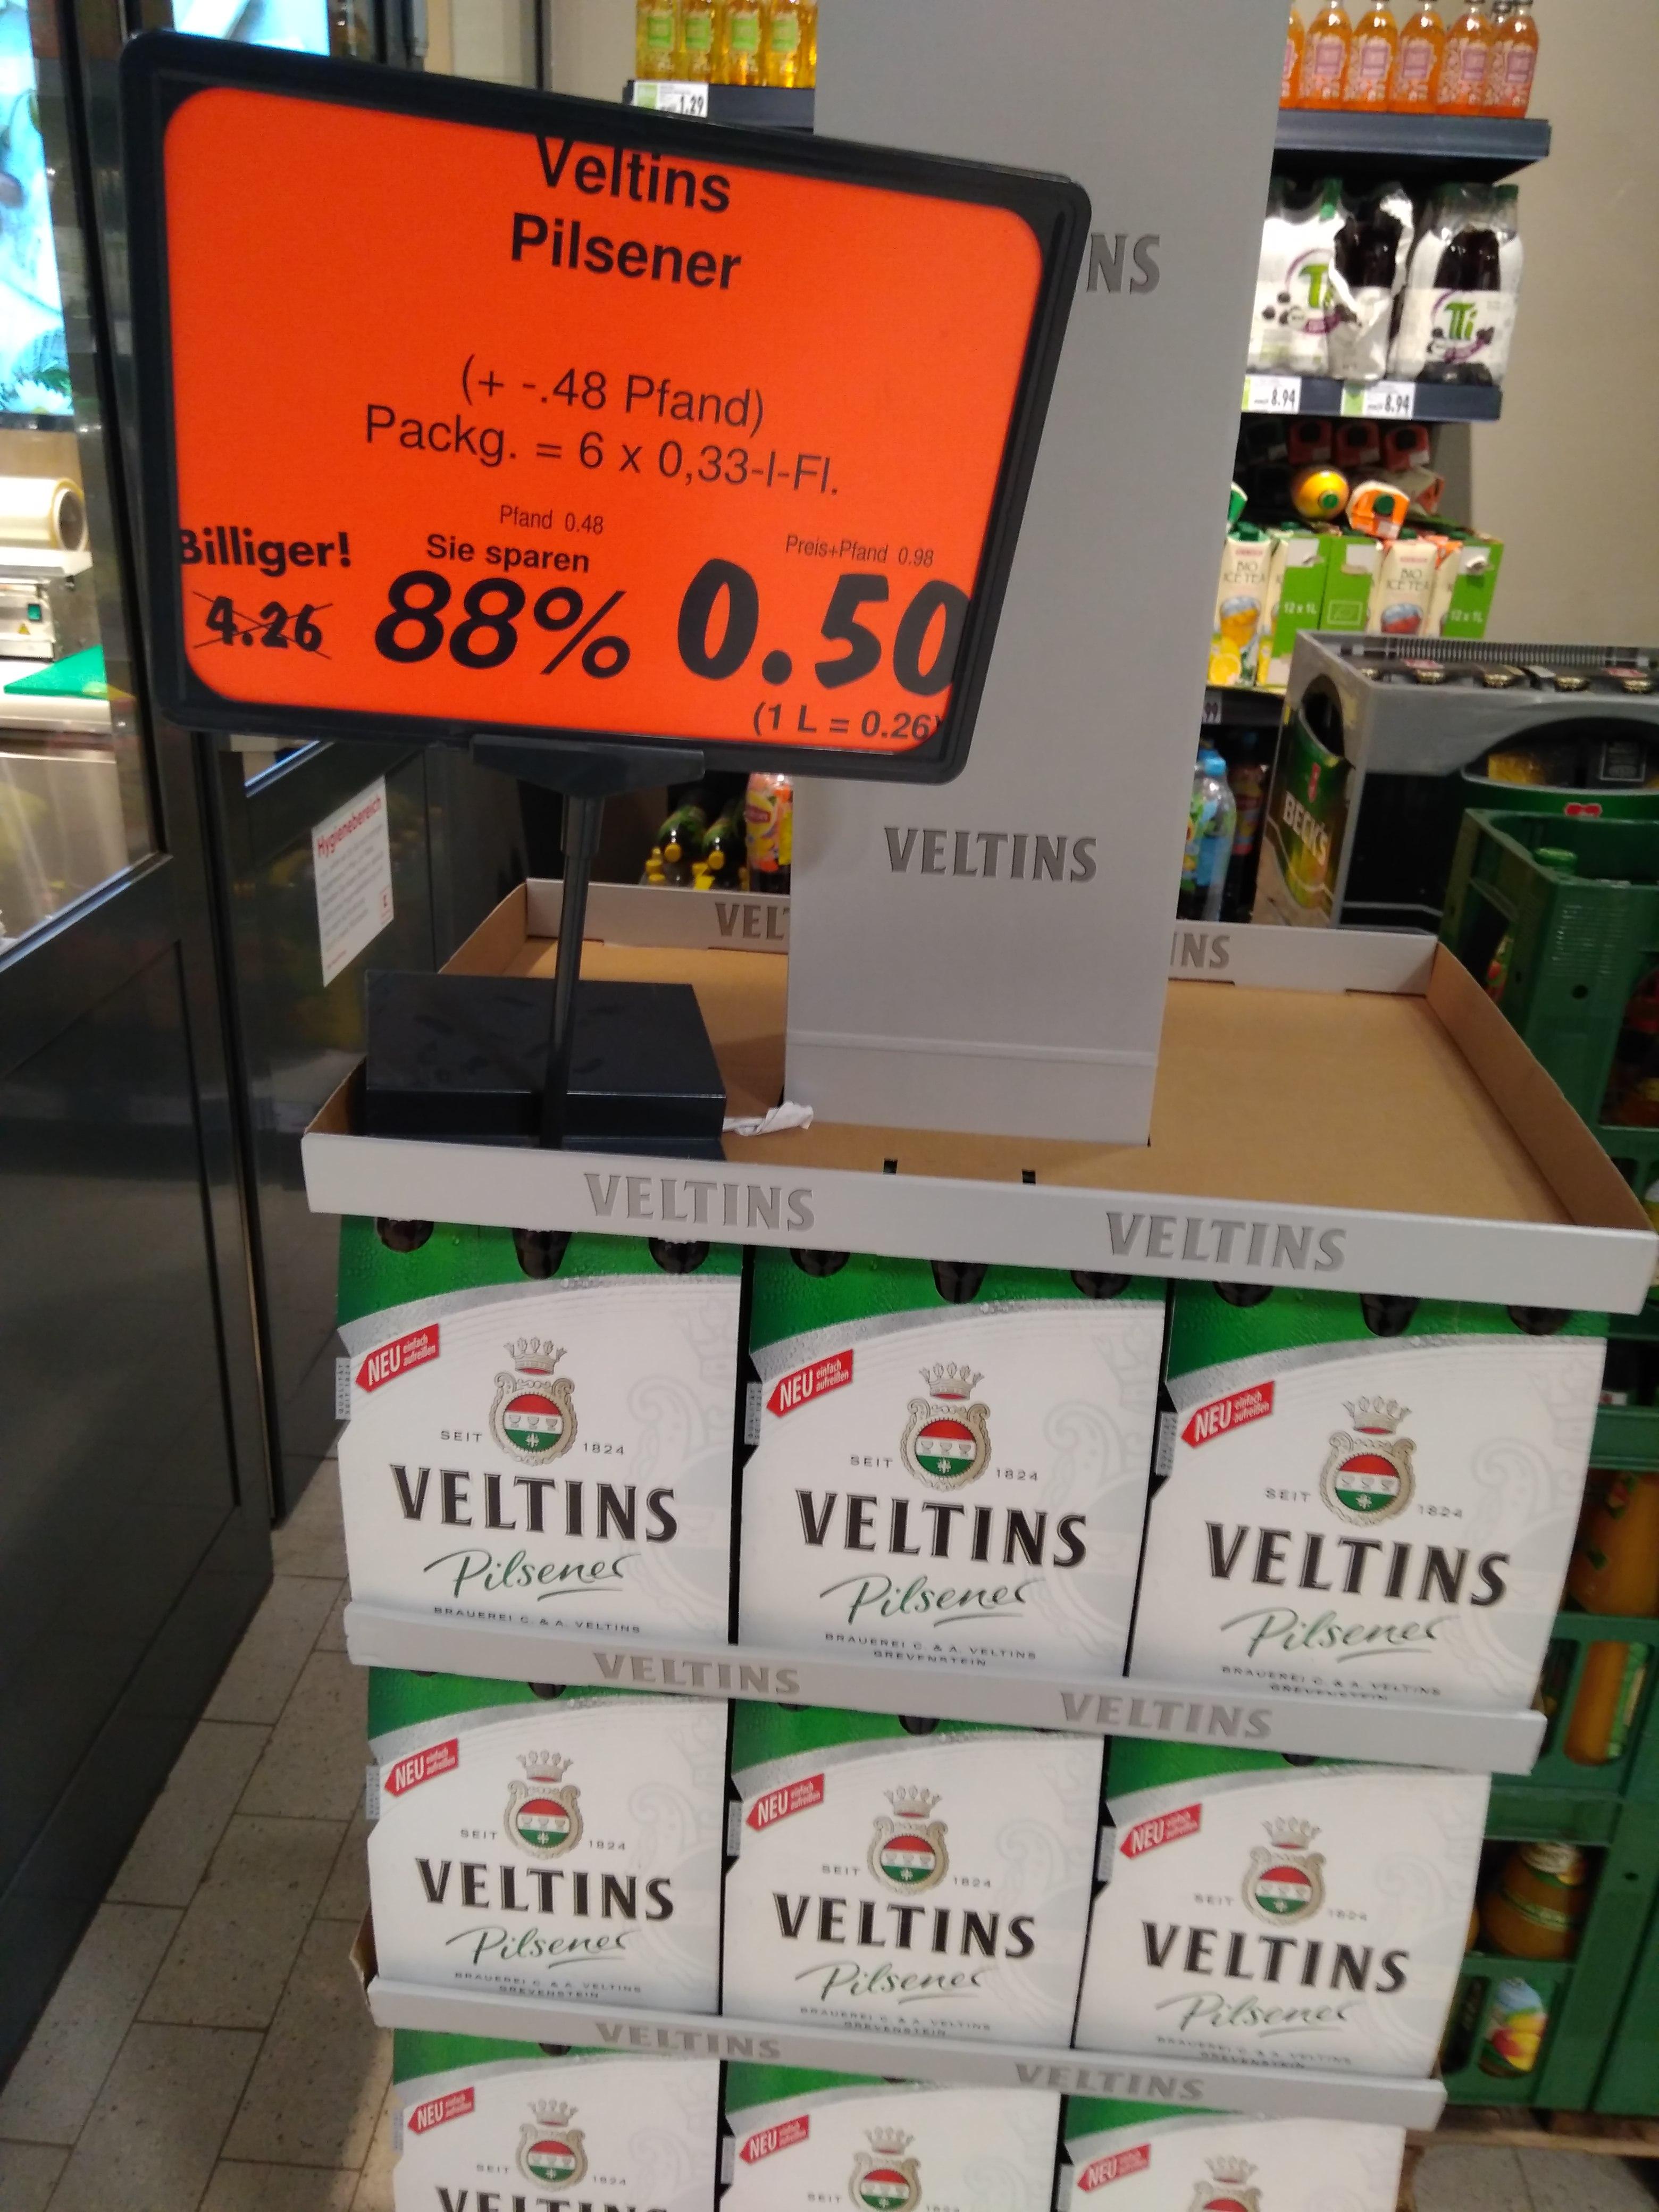 Lokal Kaufland Erding Veltins Pilsener Sixpack